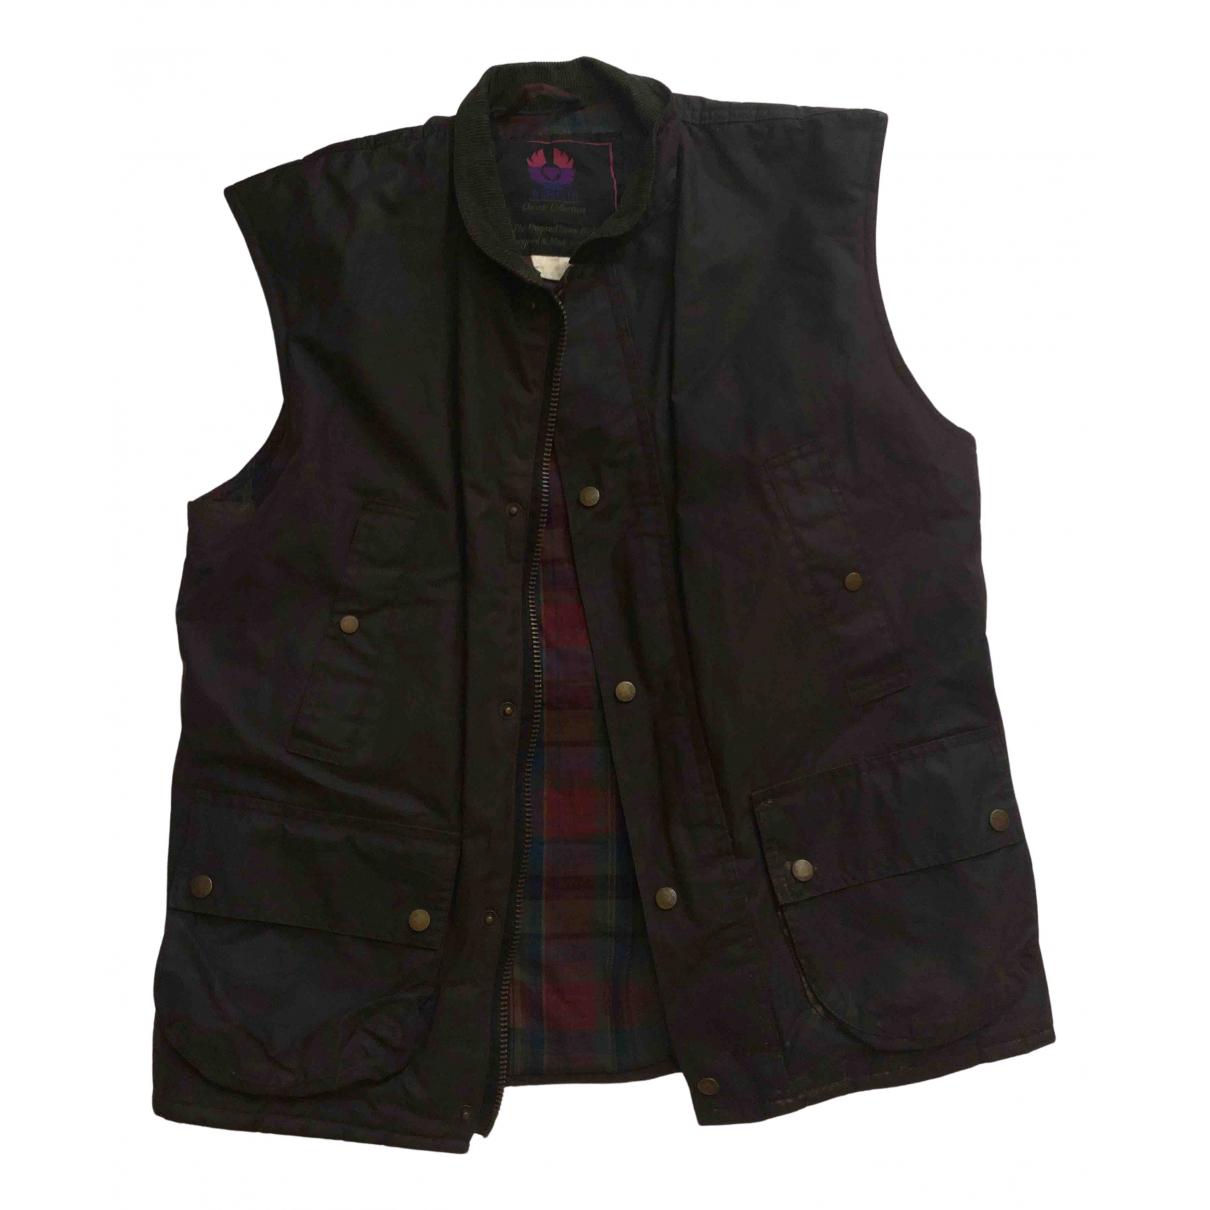 Belstaff \N Brown jacket  for Men L International